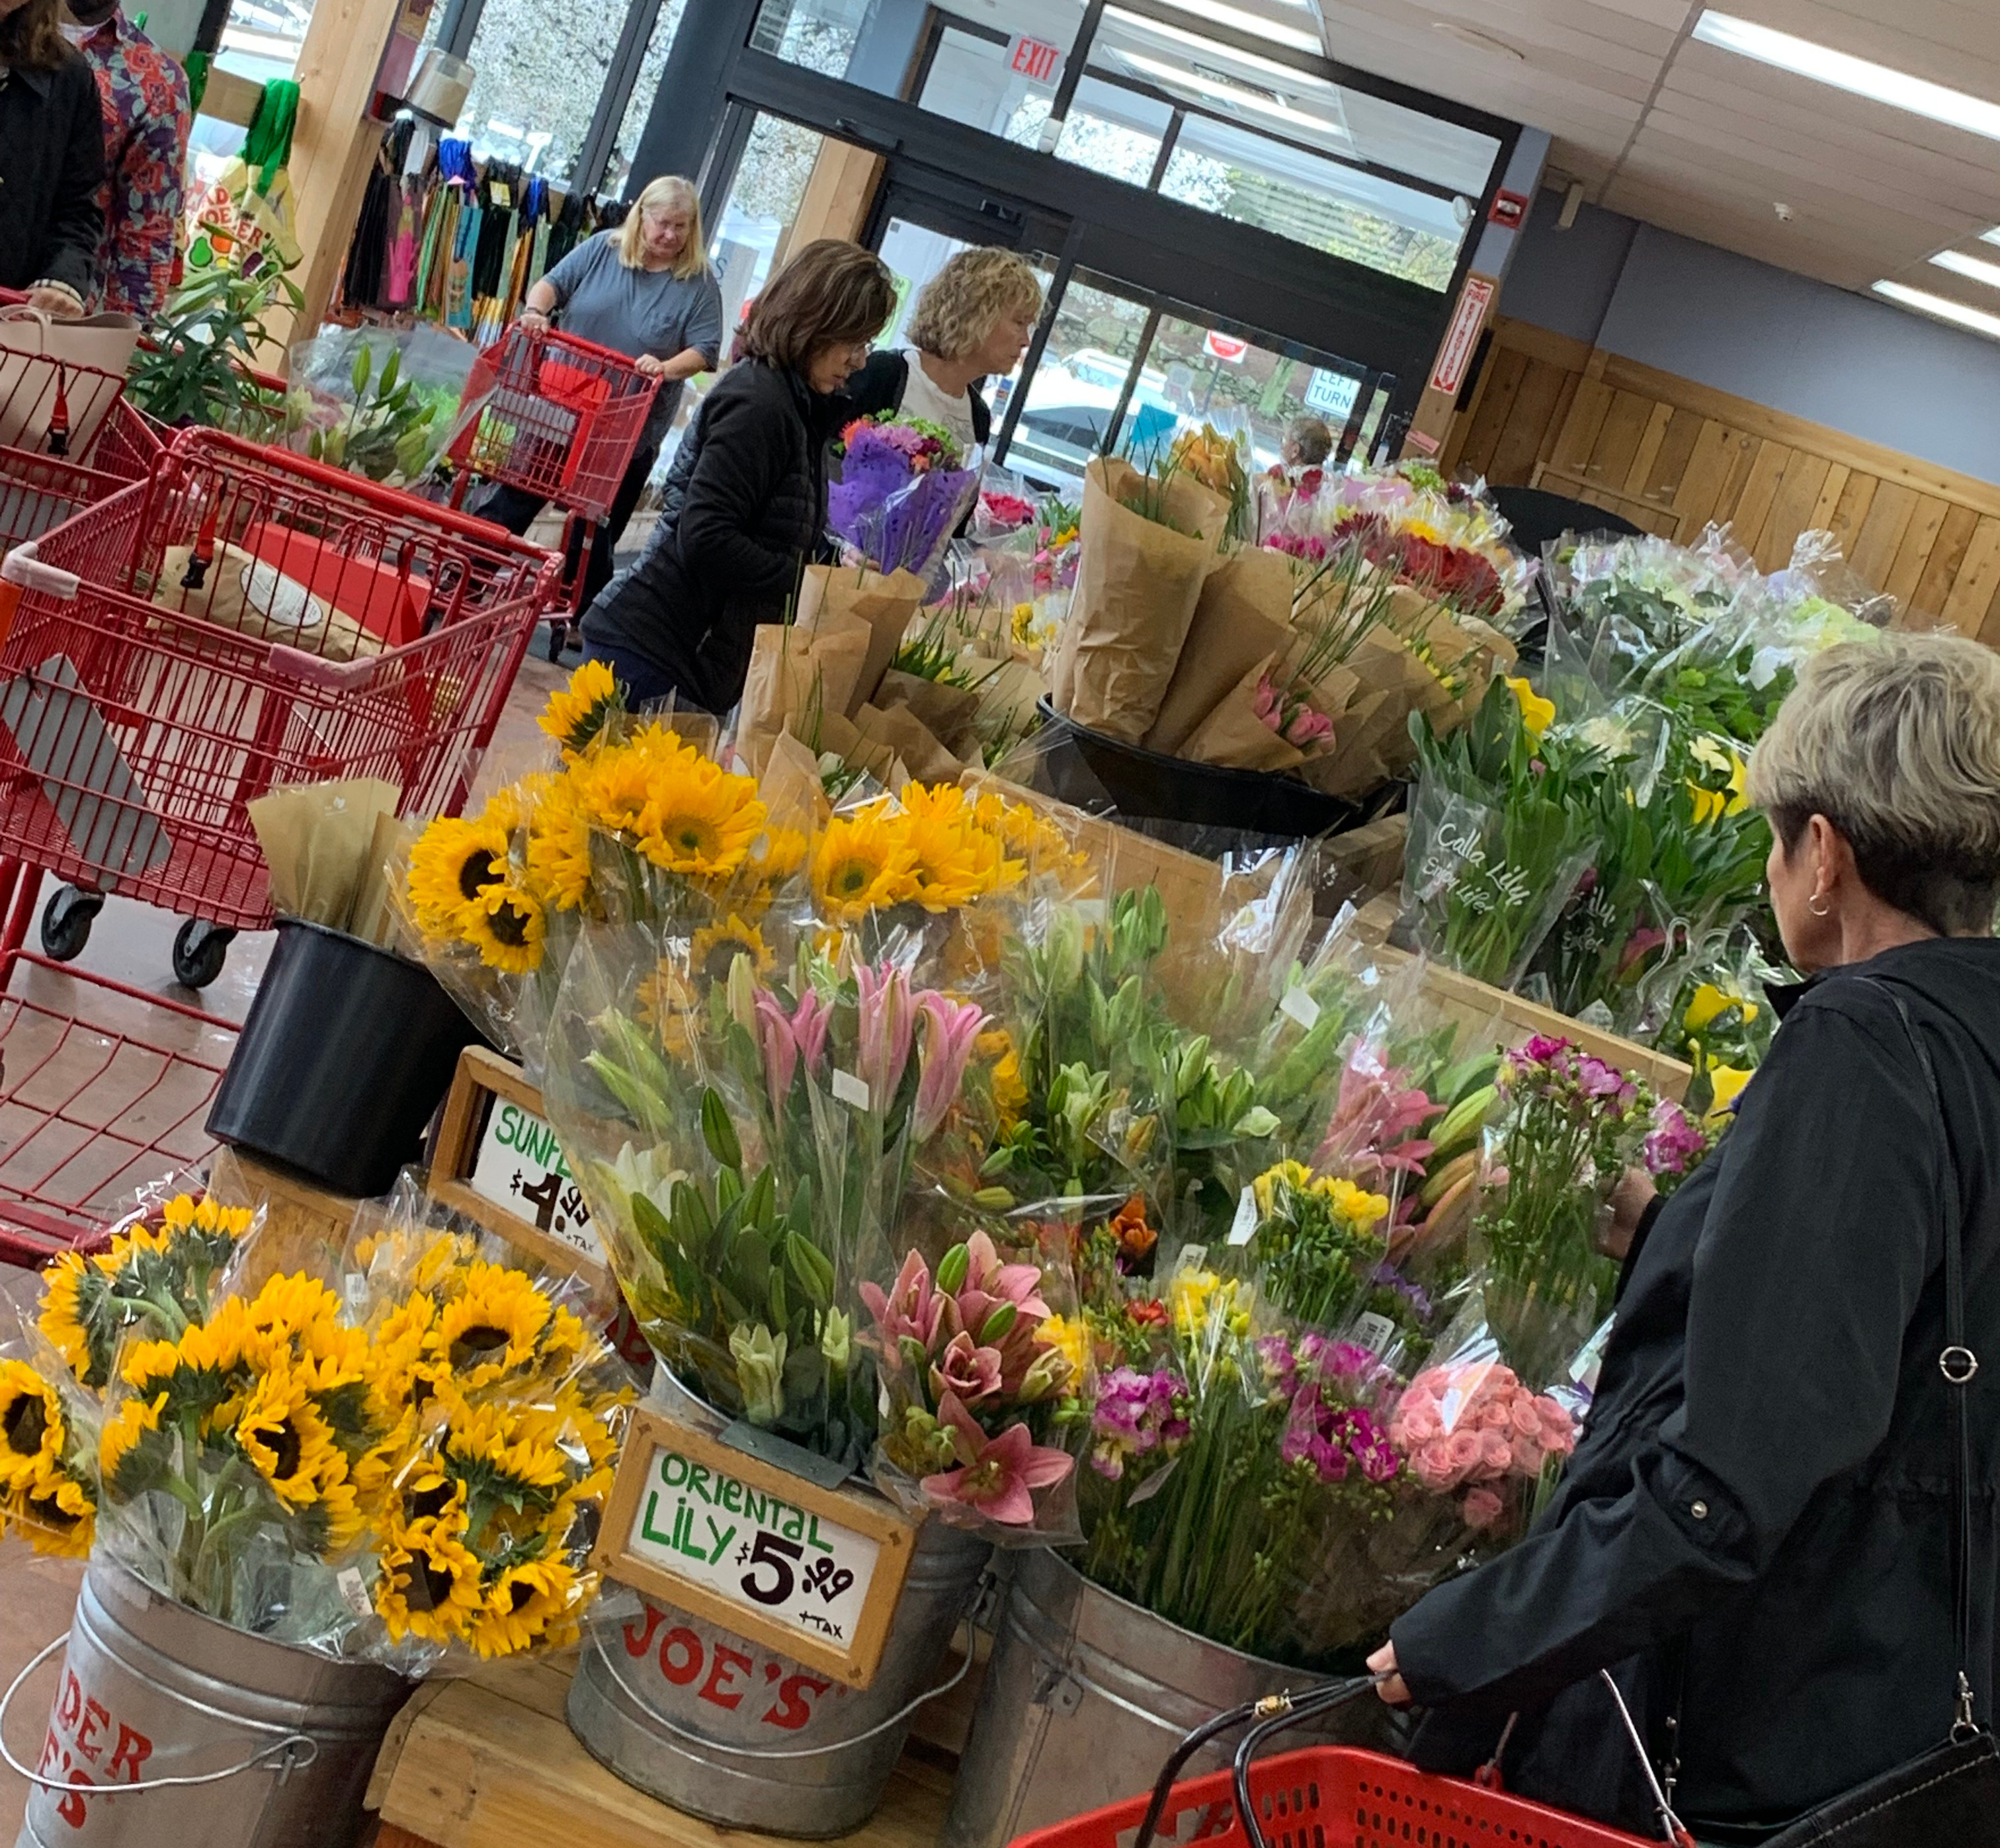 trader-joe-flower-display.jpg